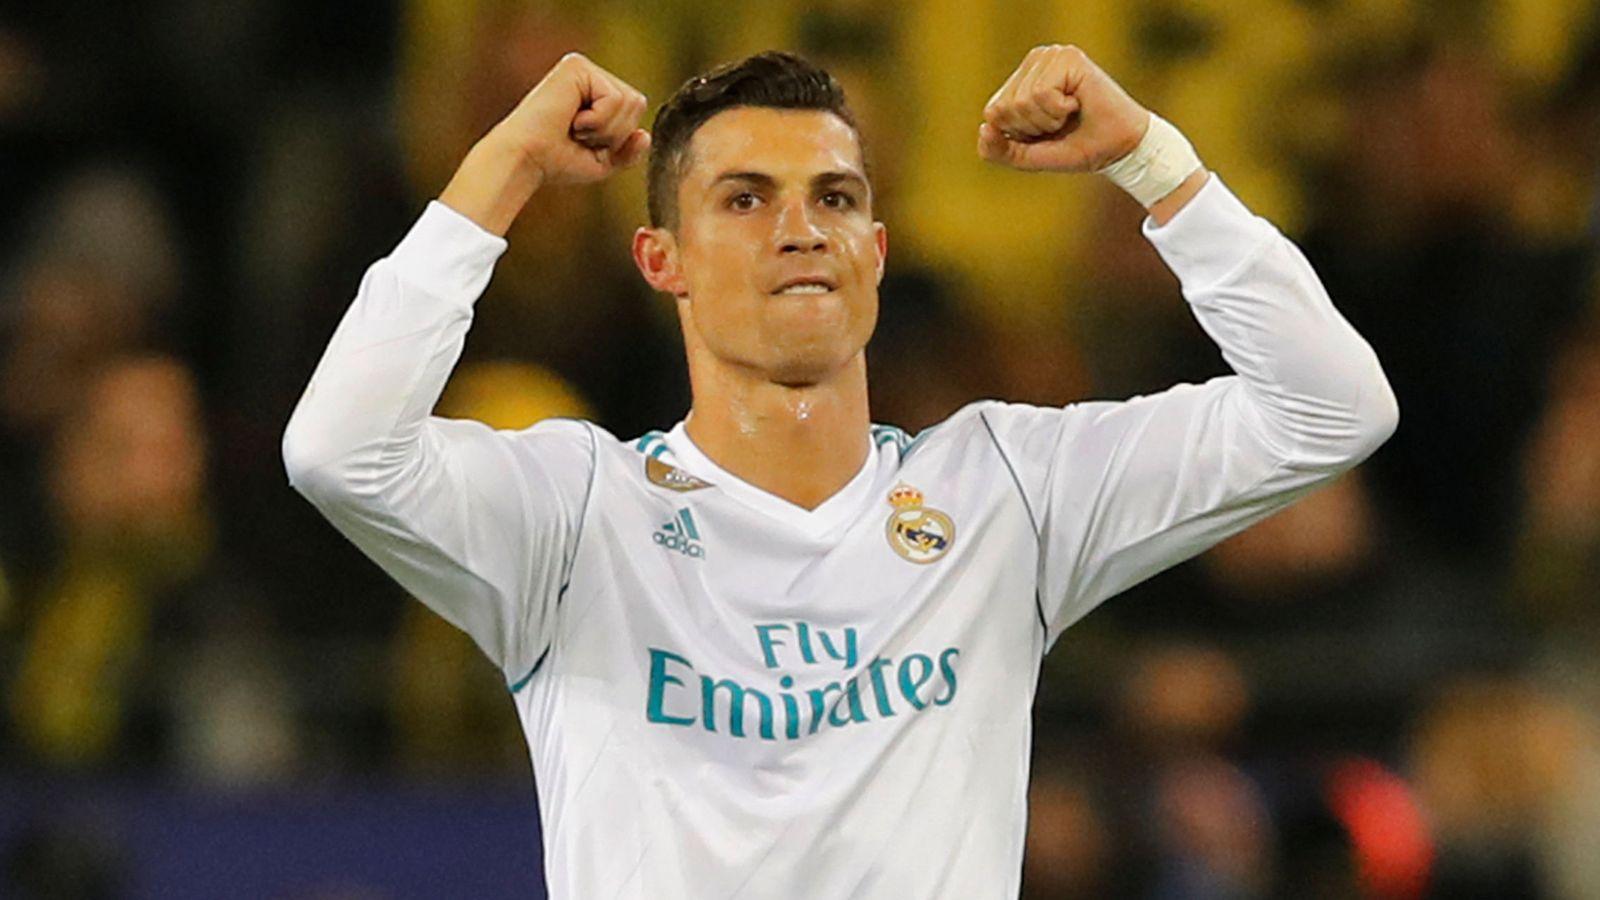 Champions League: El próximo gol por la escuadra de Cristiano Ronaldo a  Florentino Pérez y el Real Madrid